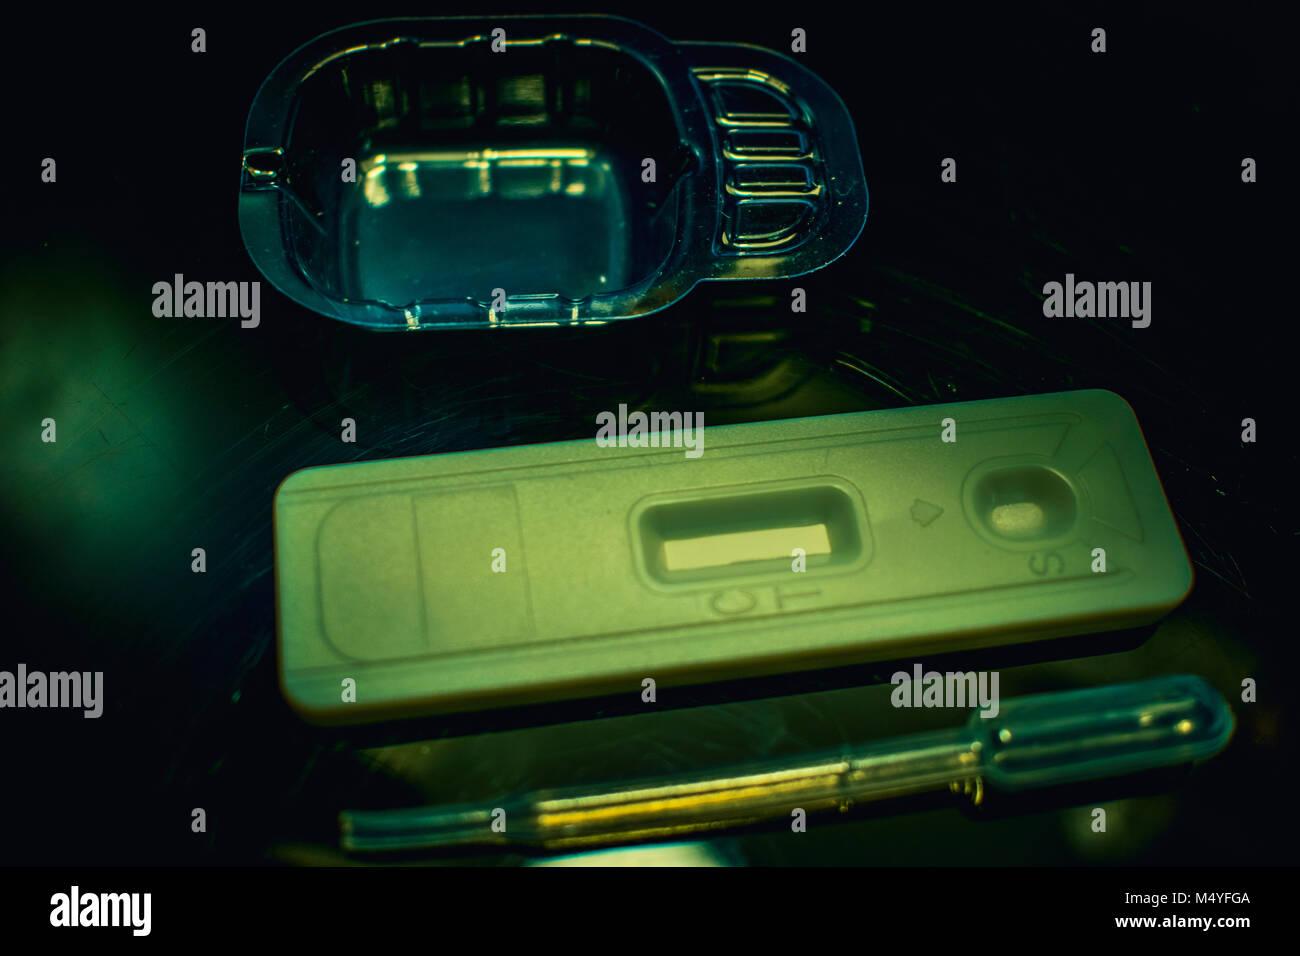 fertility concept fertility test infertility Pregnancy test health care concept - Stock Image